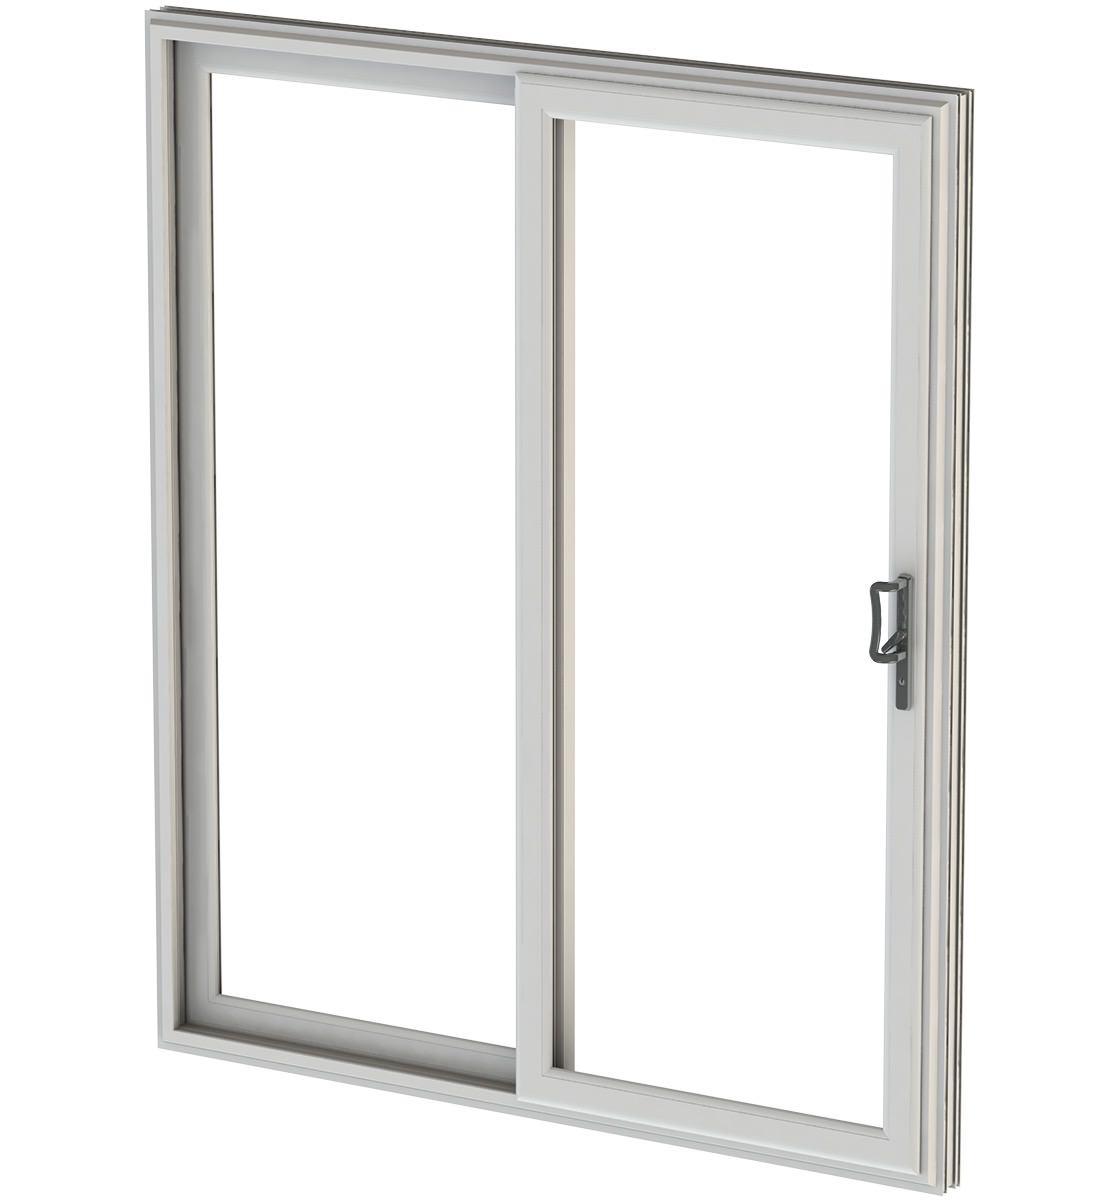 Upvc Sliding Patio Doors >> Our Range Of Upvc Sliding Patio Doors Liniar Upvc Profile